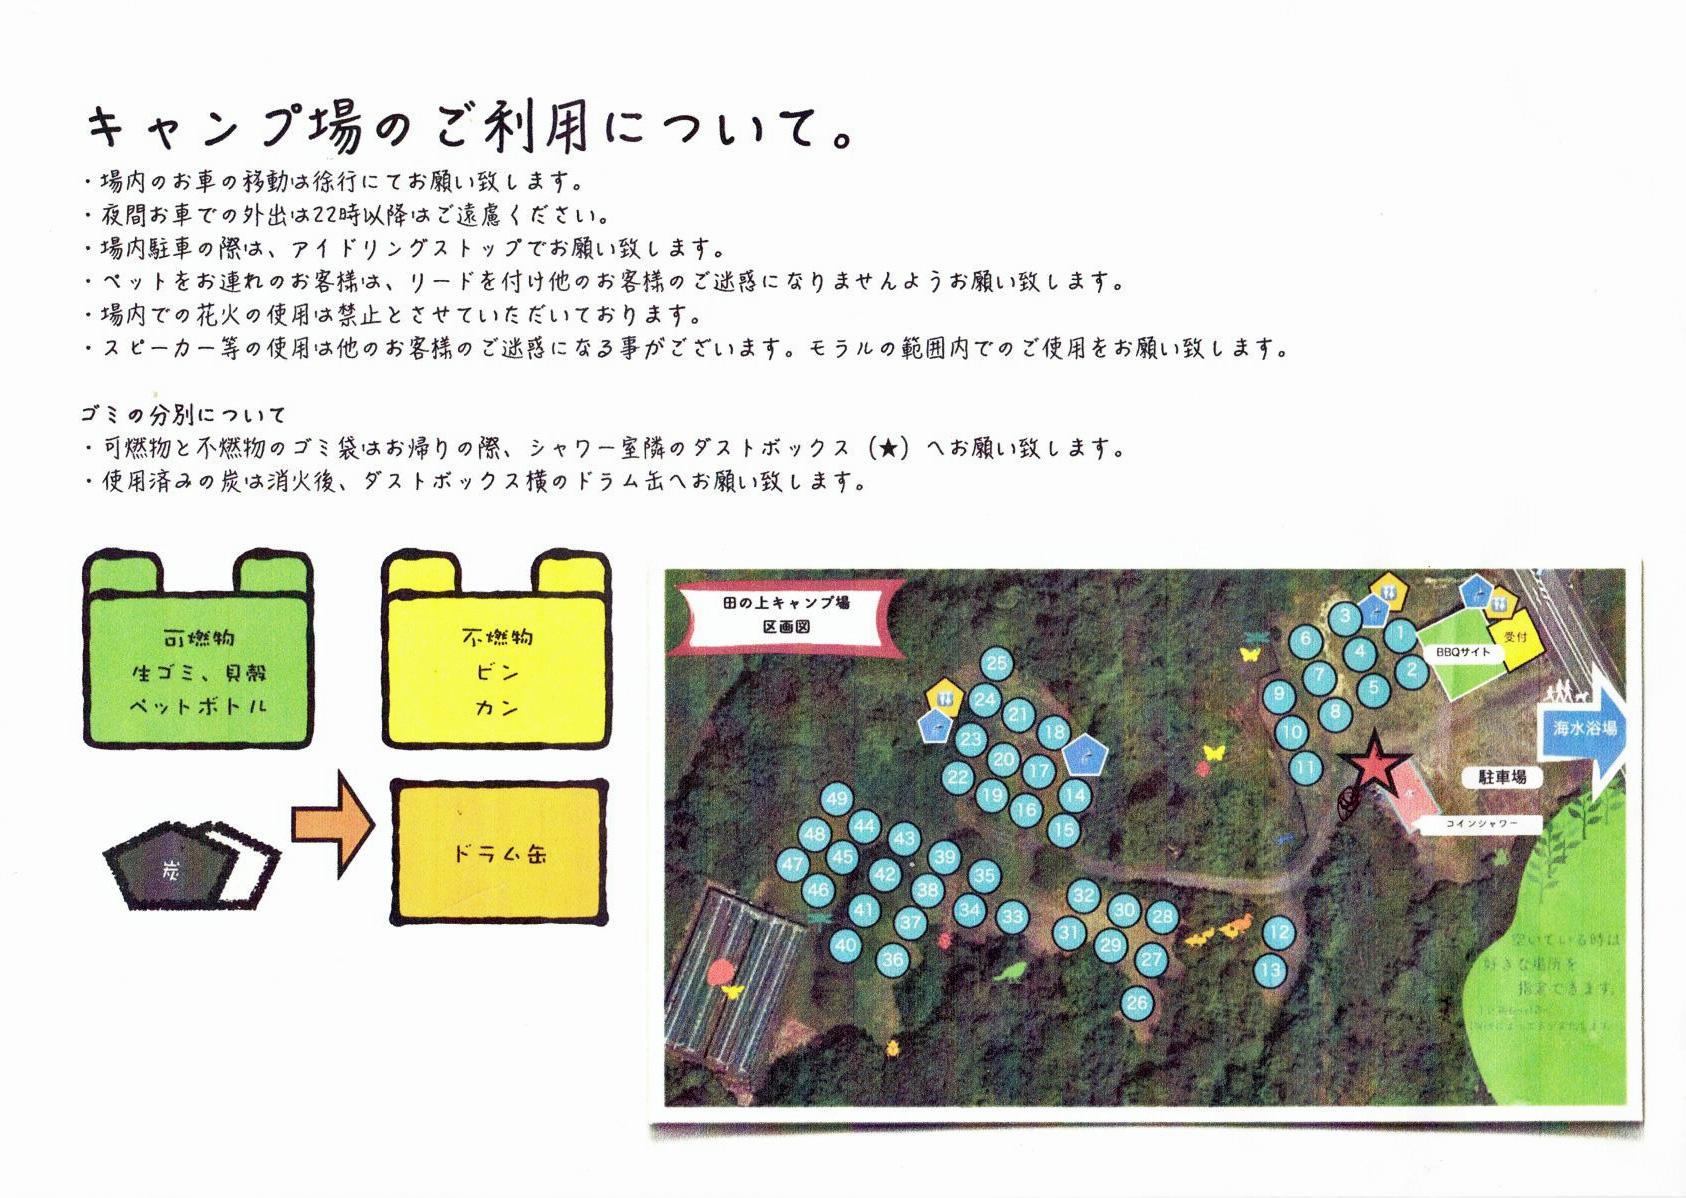 阿字ヶ浦・田の上キャンプ場の利用案内